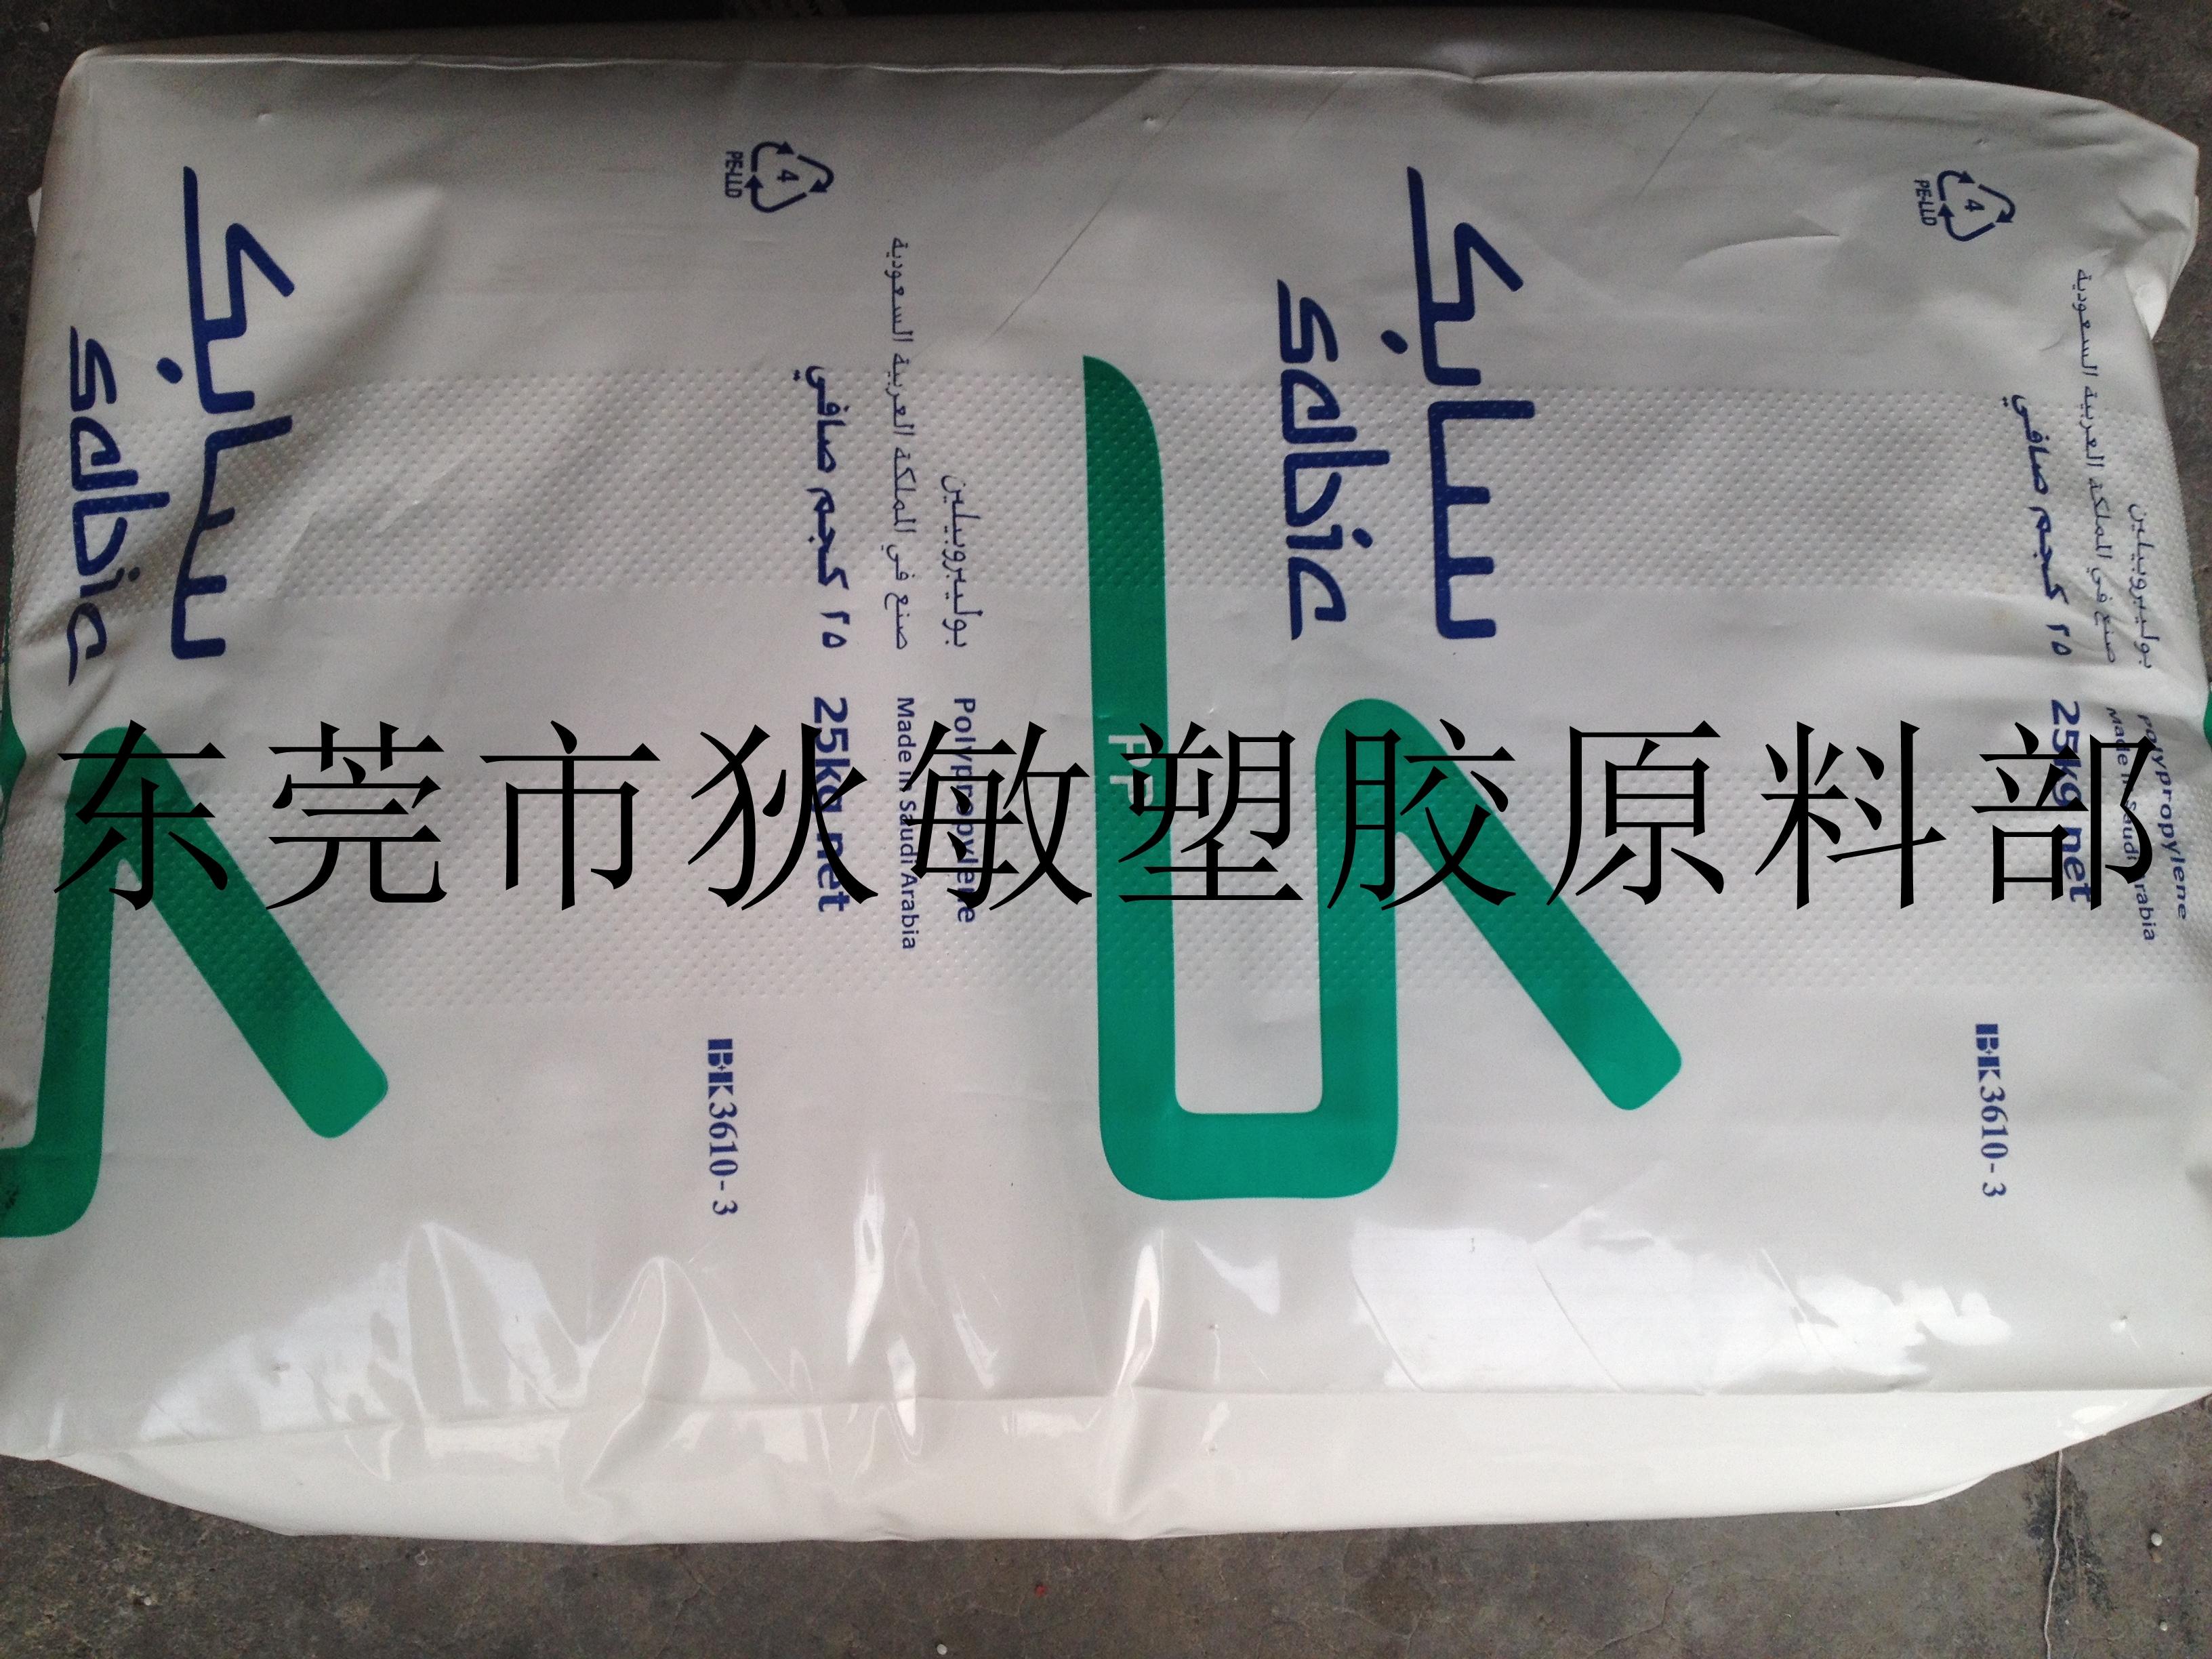 SABIC PP PCGH19 - 产品展示- 东莞市狄敏塑胶原料经营部